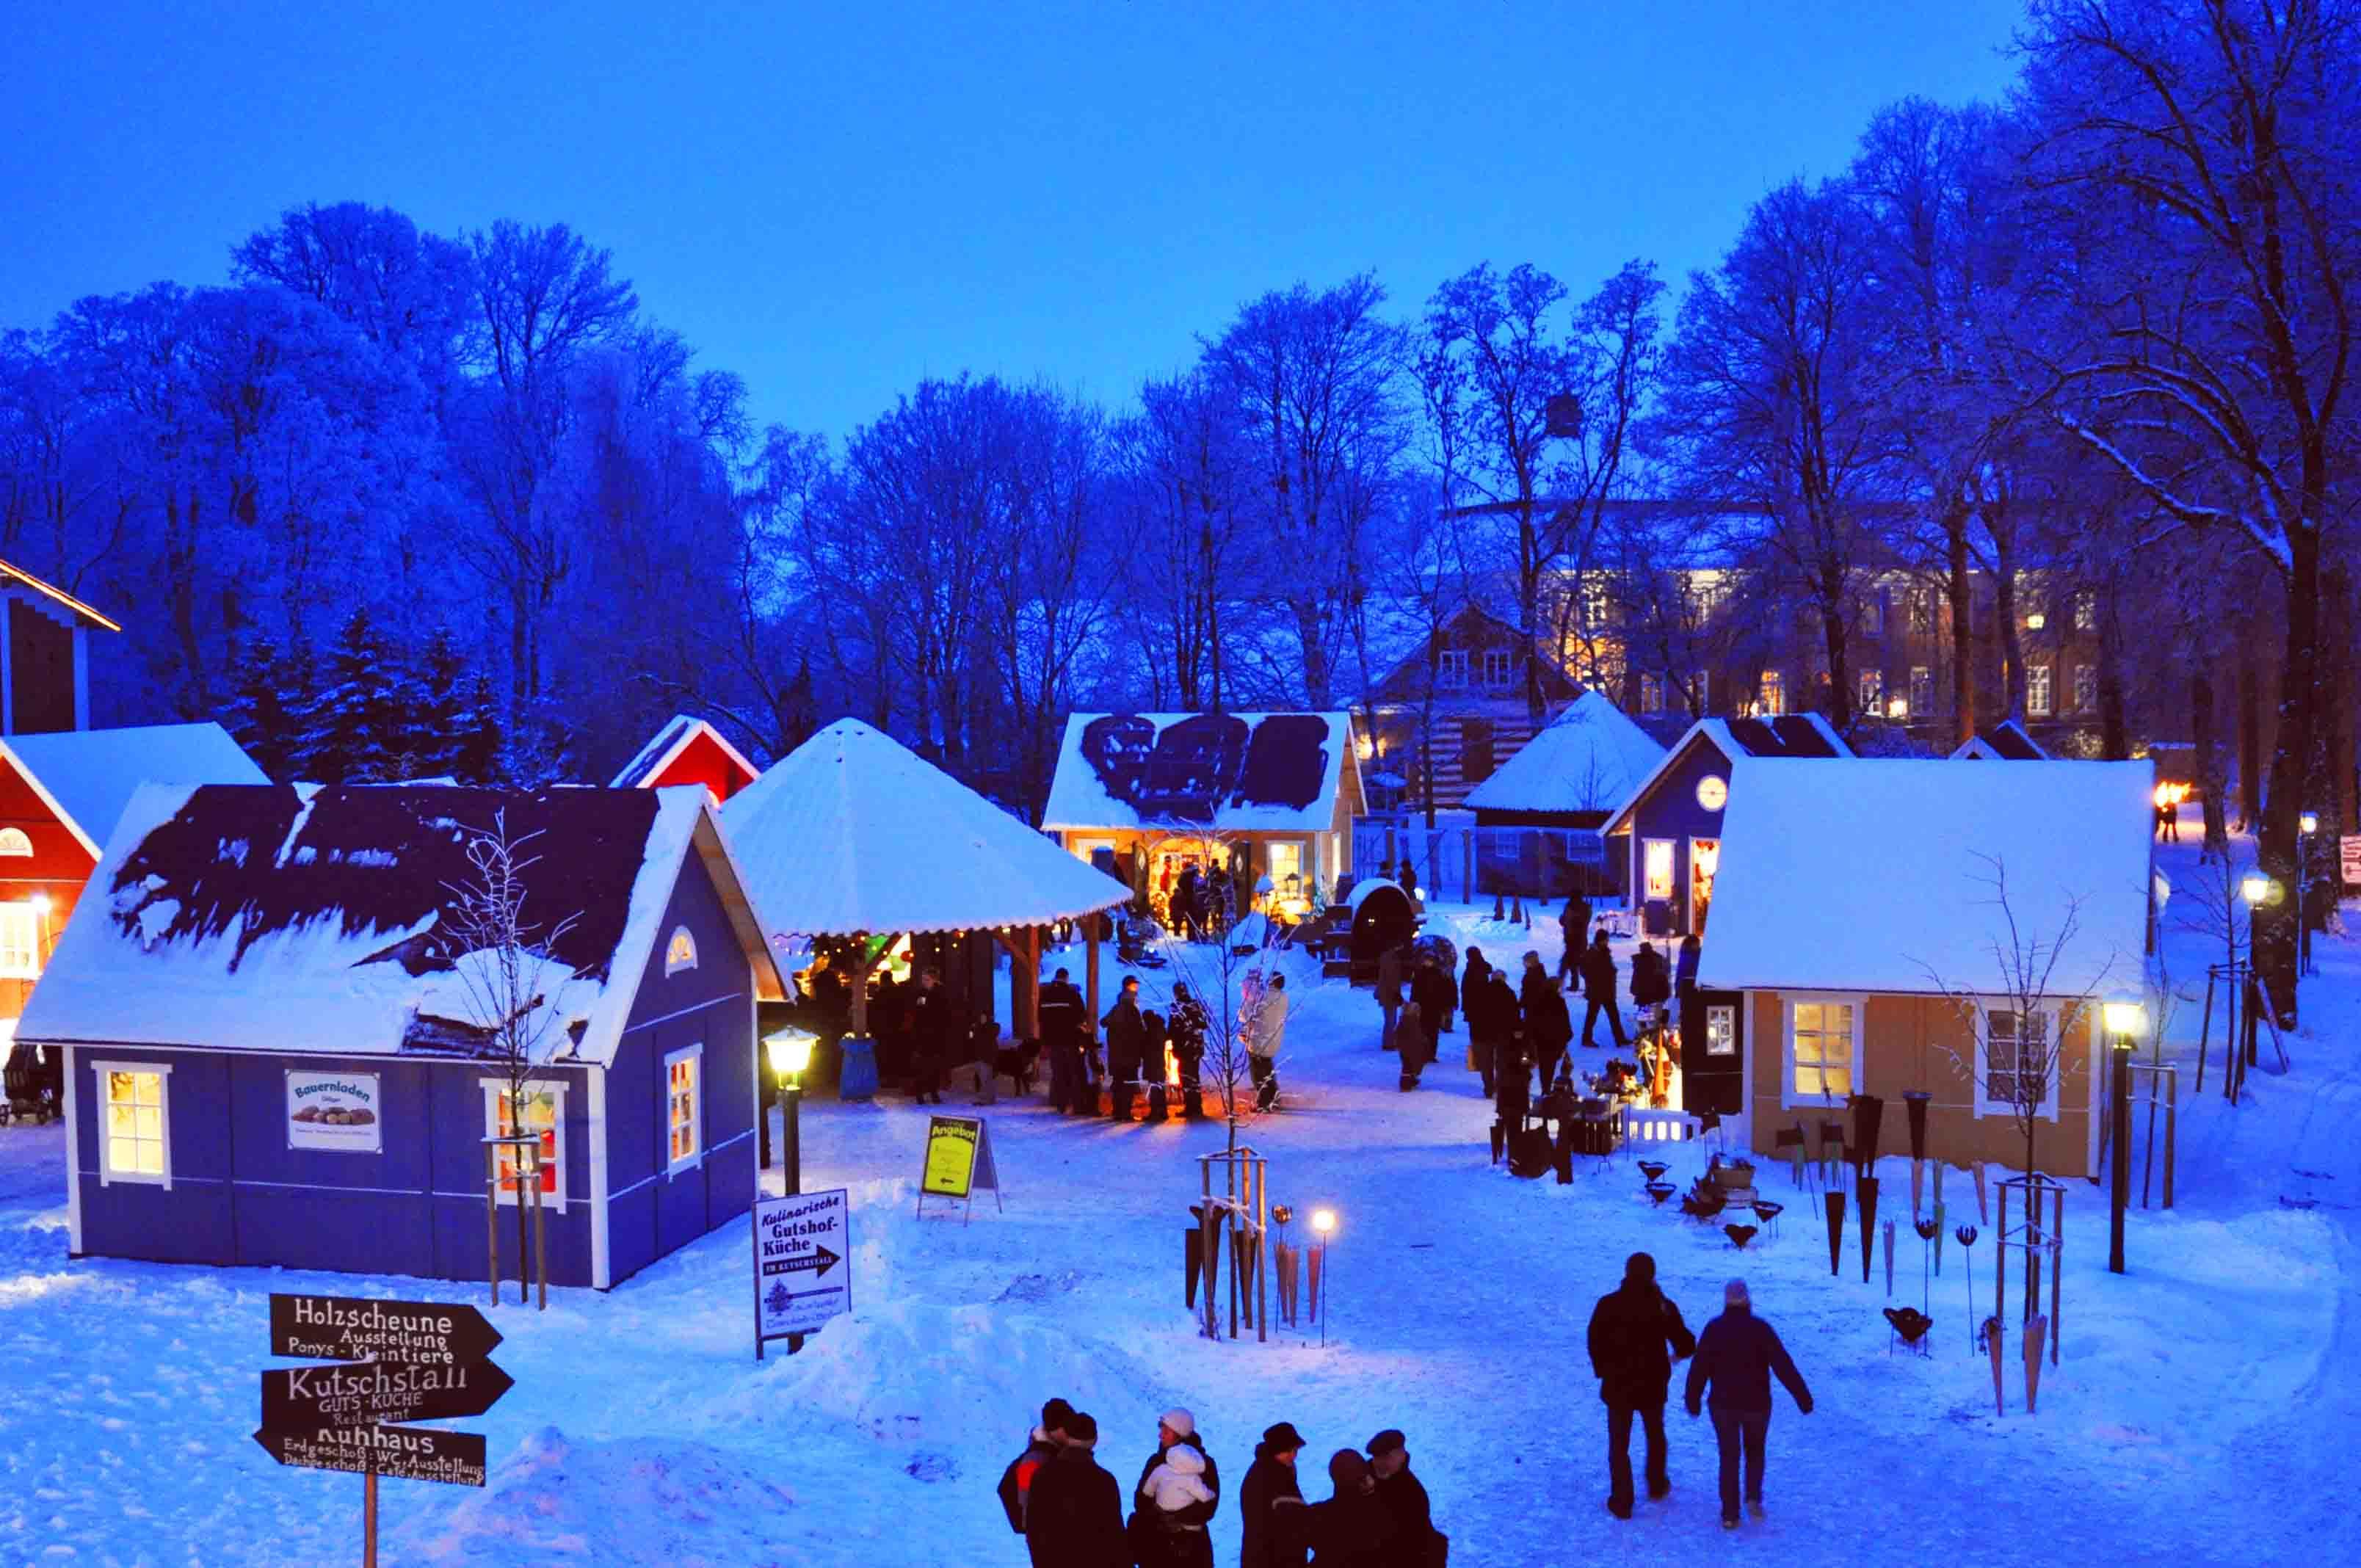 Weihnachtsmarkt Gut Pronstorf Dämmerung